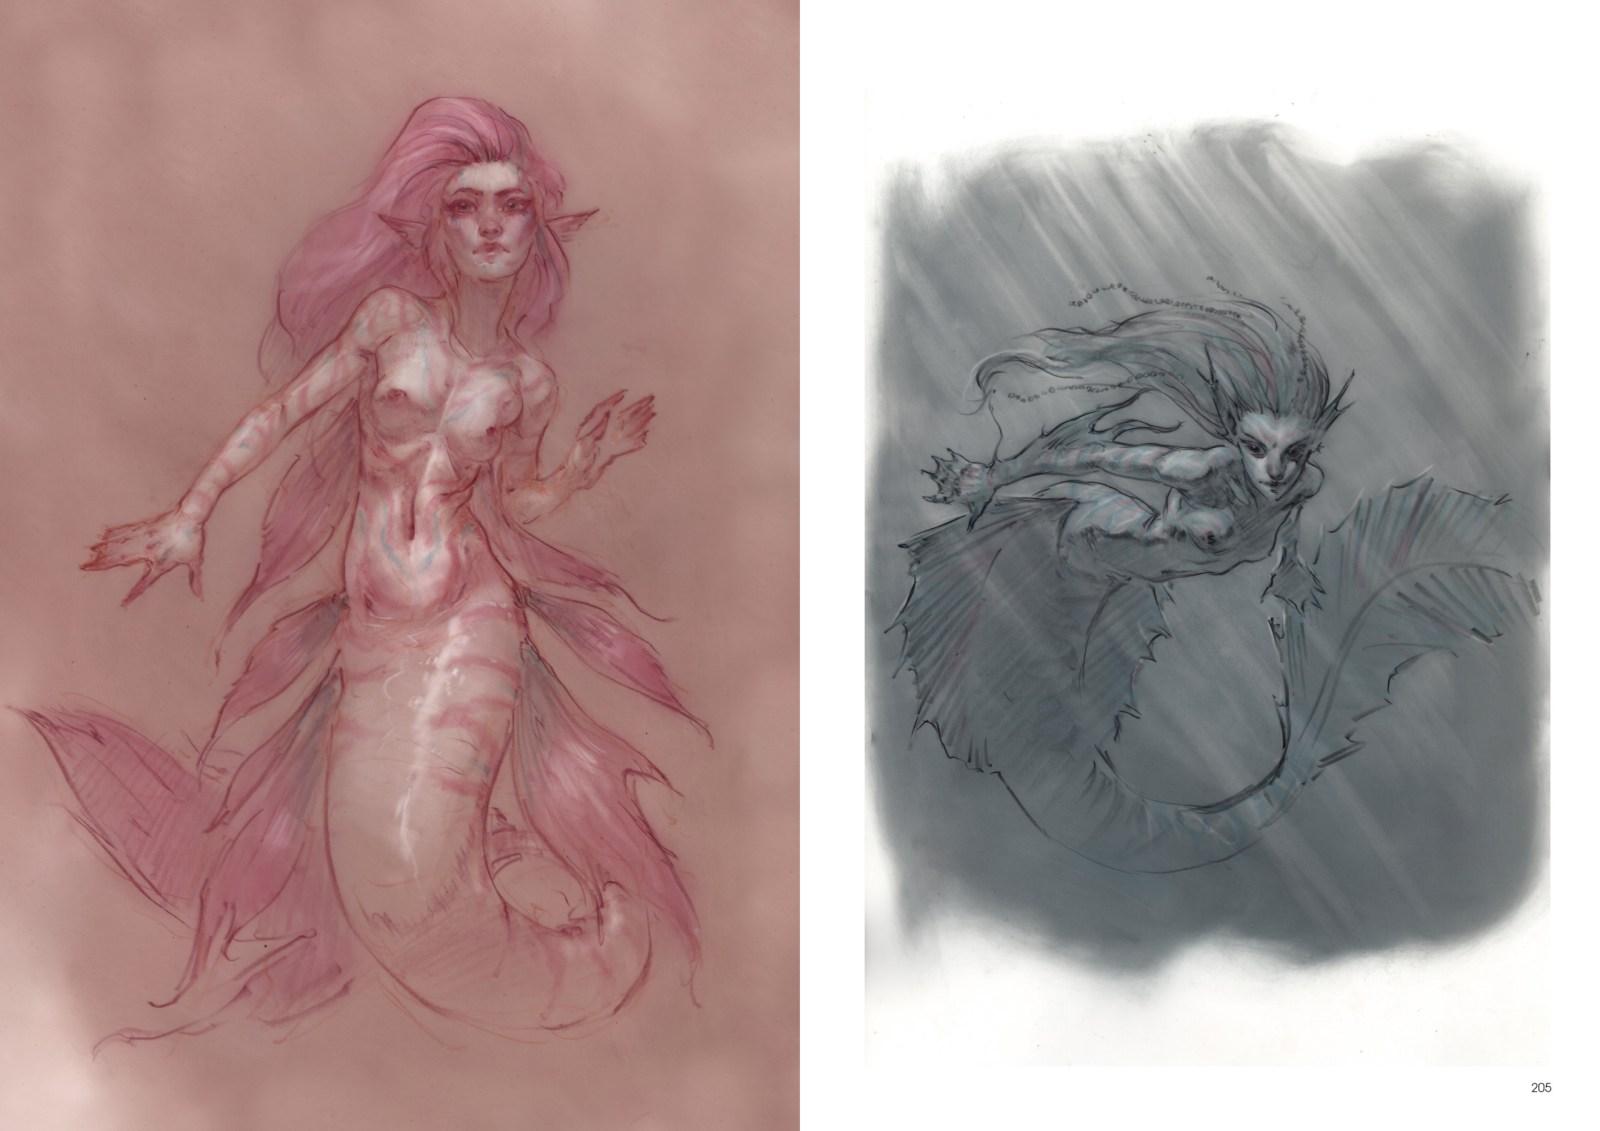 Femmes sirènes mystérieuses et magiques.